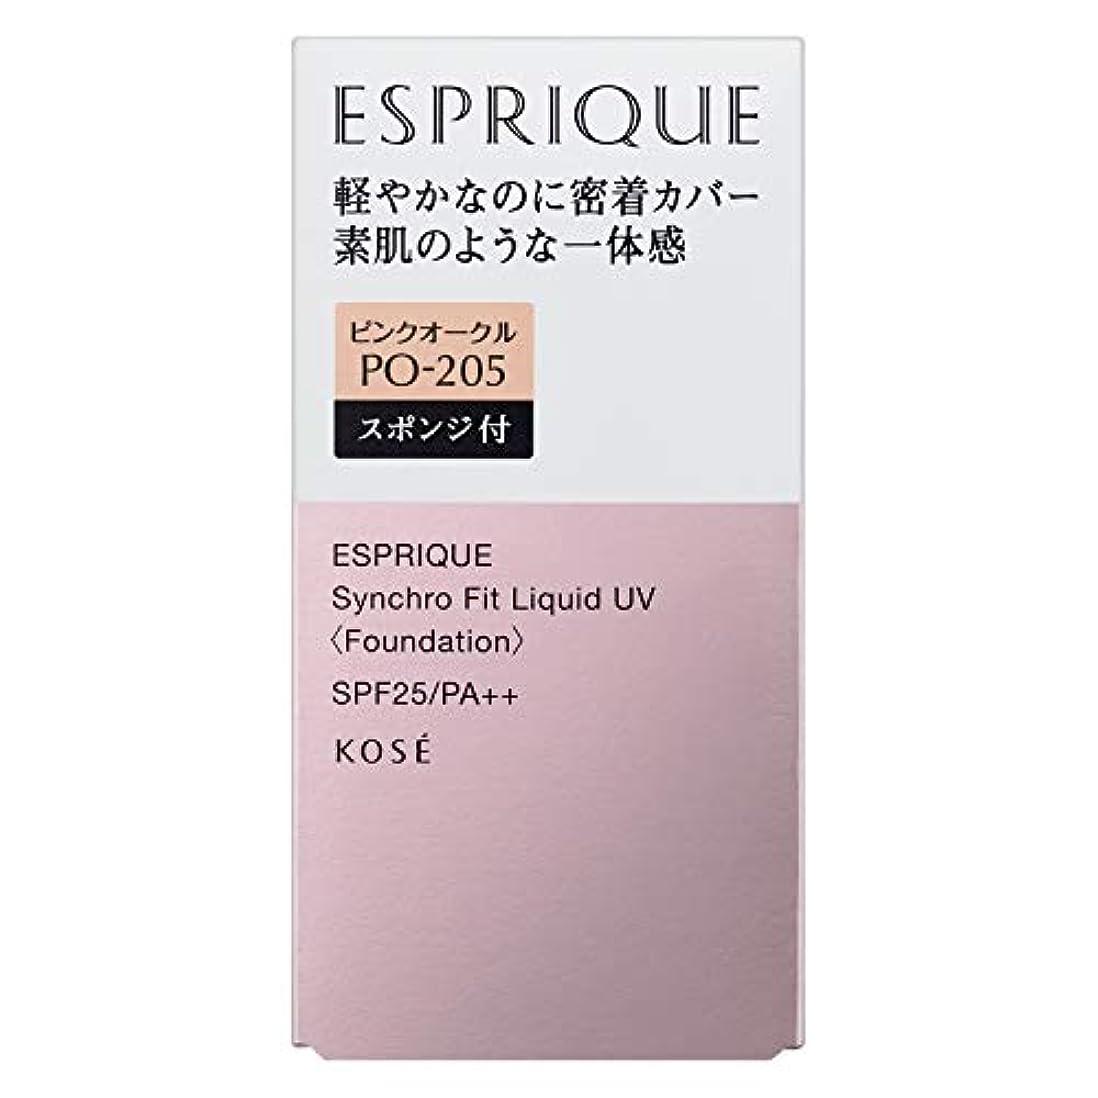 不倫十コントラストESPRIQUE(エスプリーク) エスプリーク シンクロフィット リキッド UV ファンデーション 無香料 PO-205 ピンクオークル 30g